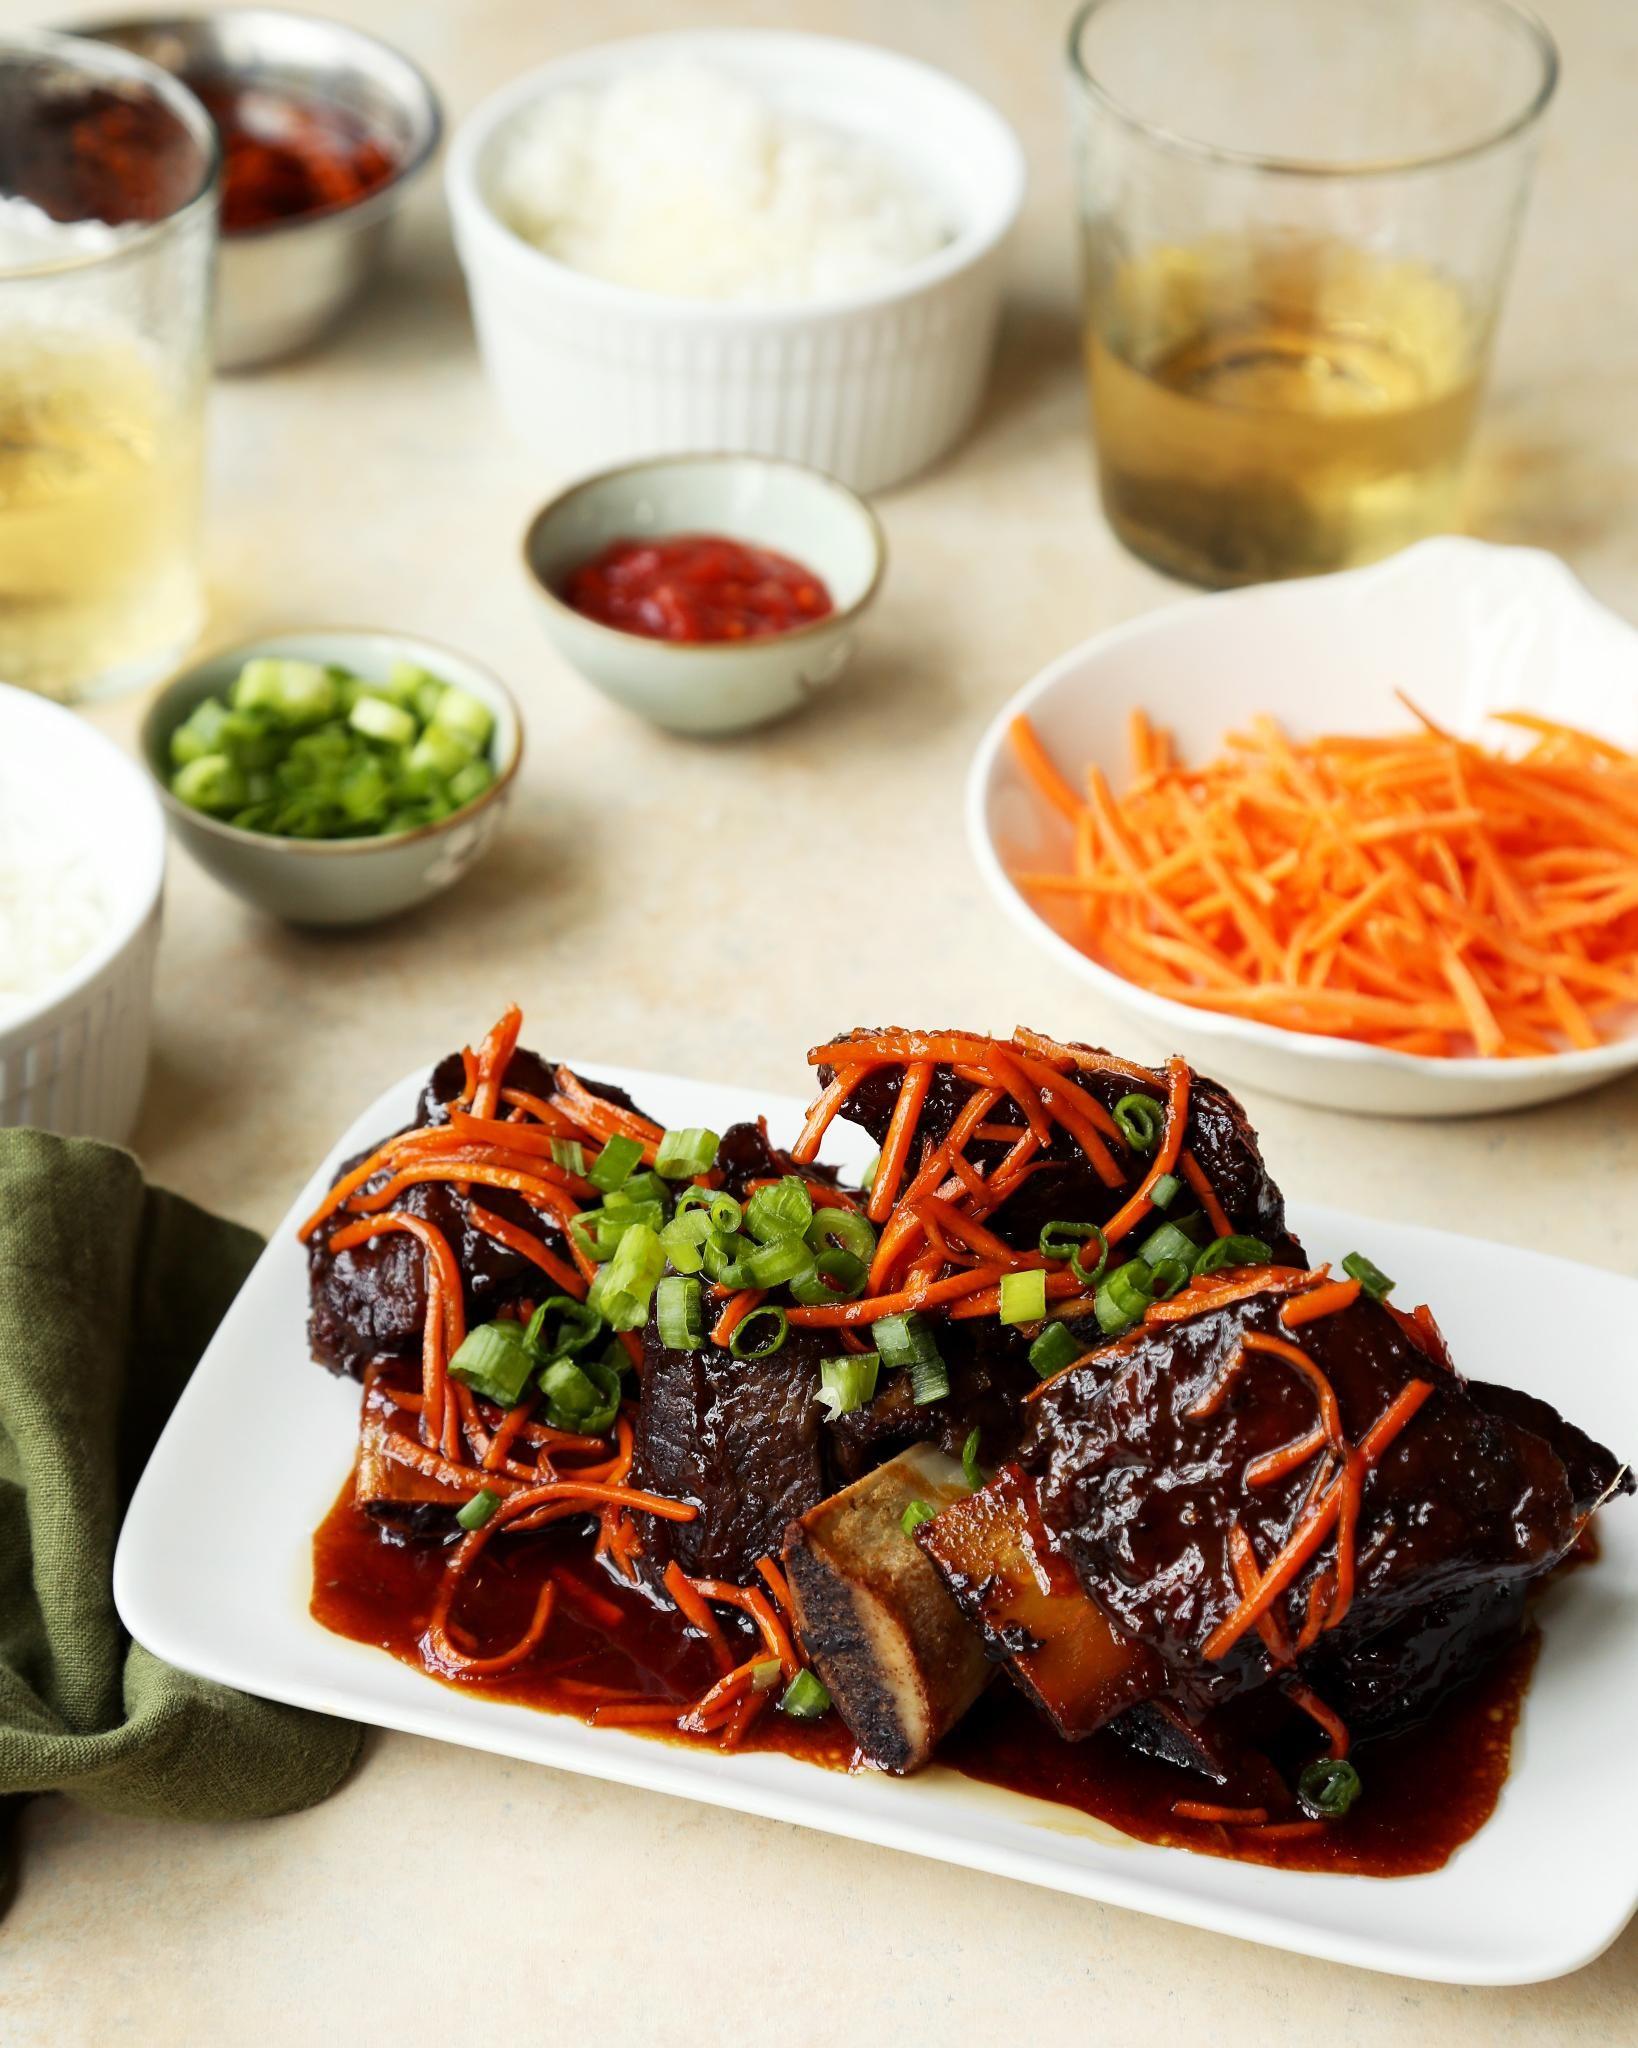 Korean Style Short Ribs Crock Pot Recipe Food Com Recipe Short Ribs Crock Pot Recipes Crockpot Ribs